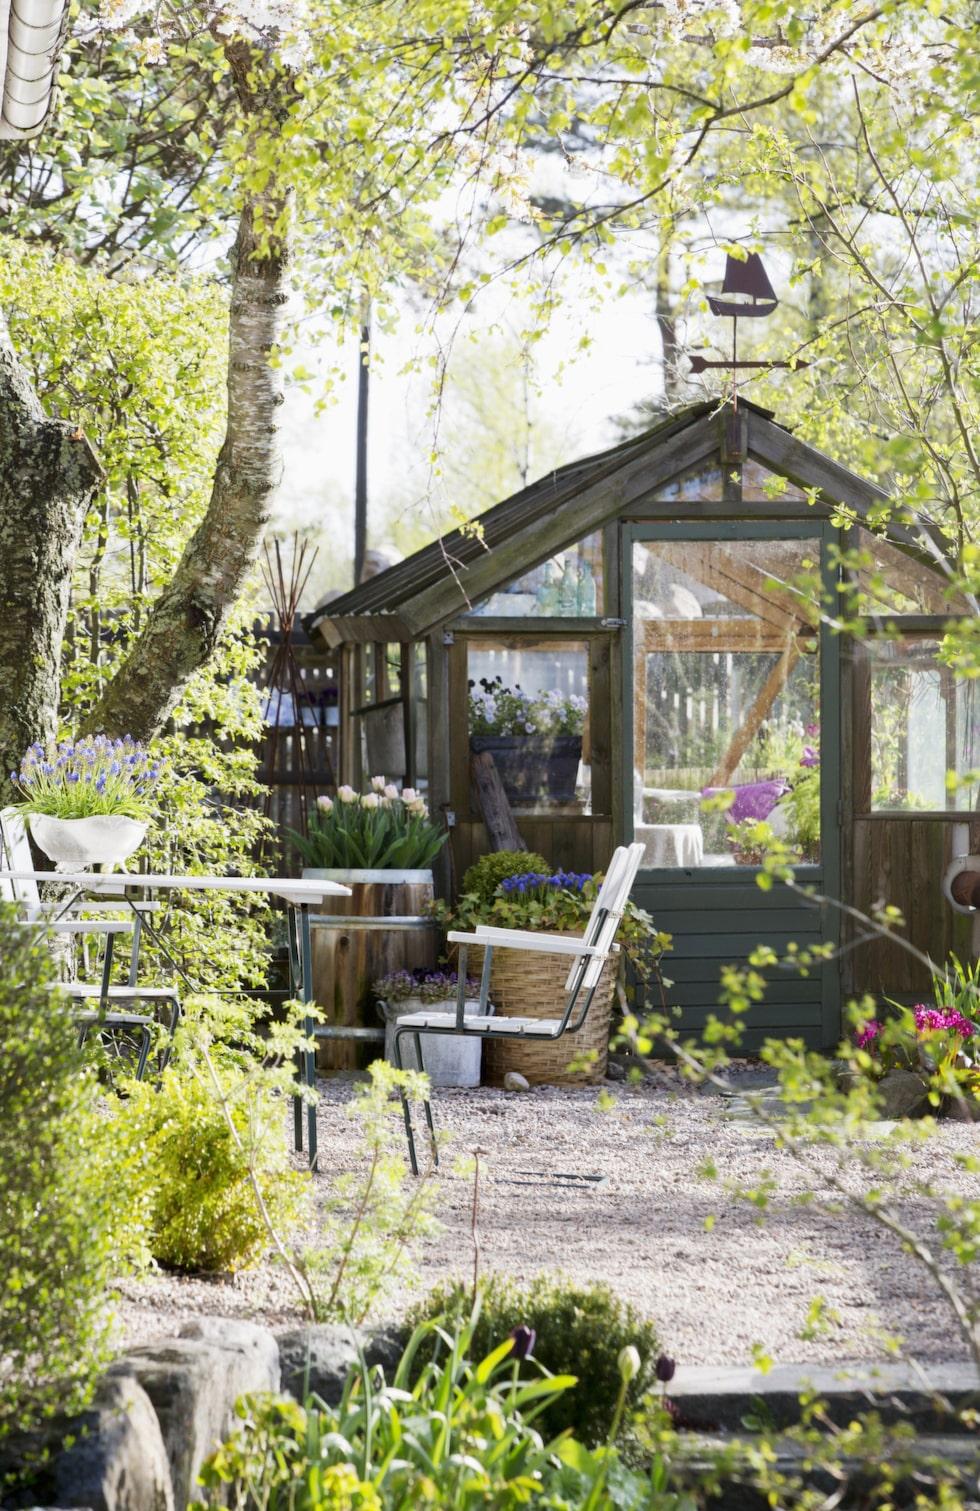 Växthuset fick Viktoria i födelsedagspresent av sin man, och är byggt med hjälp av en vän som är snickare.